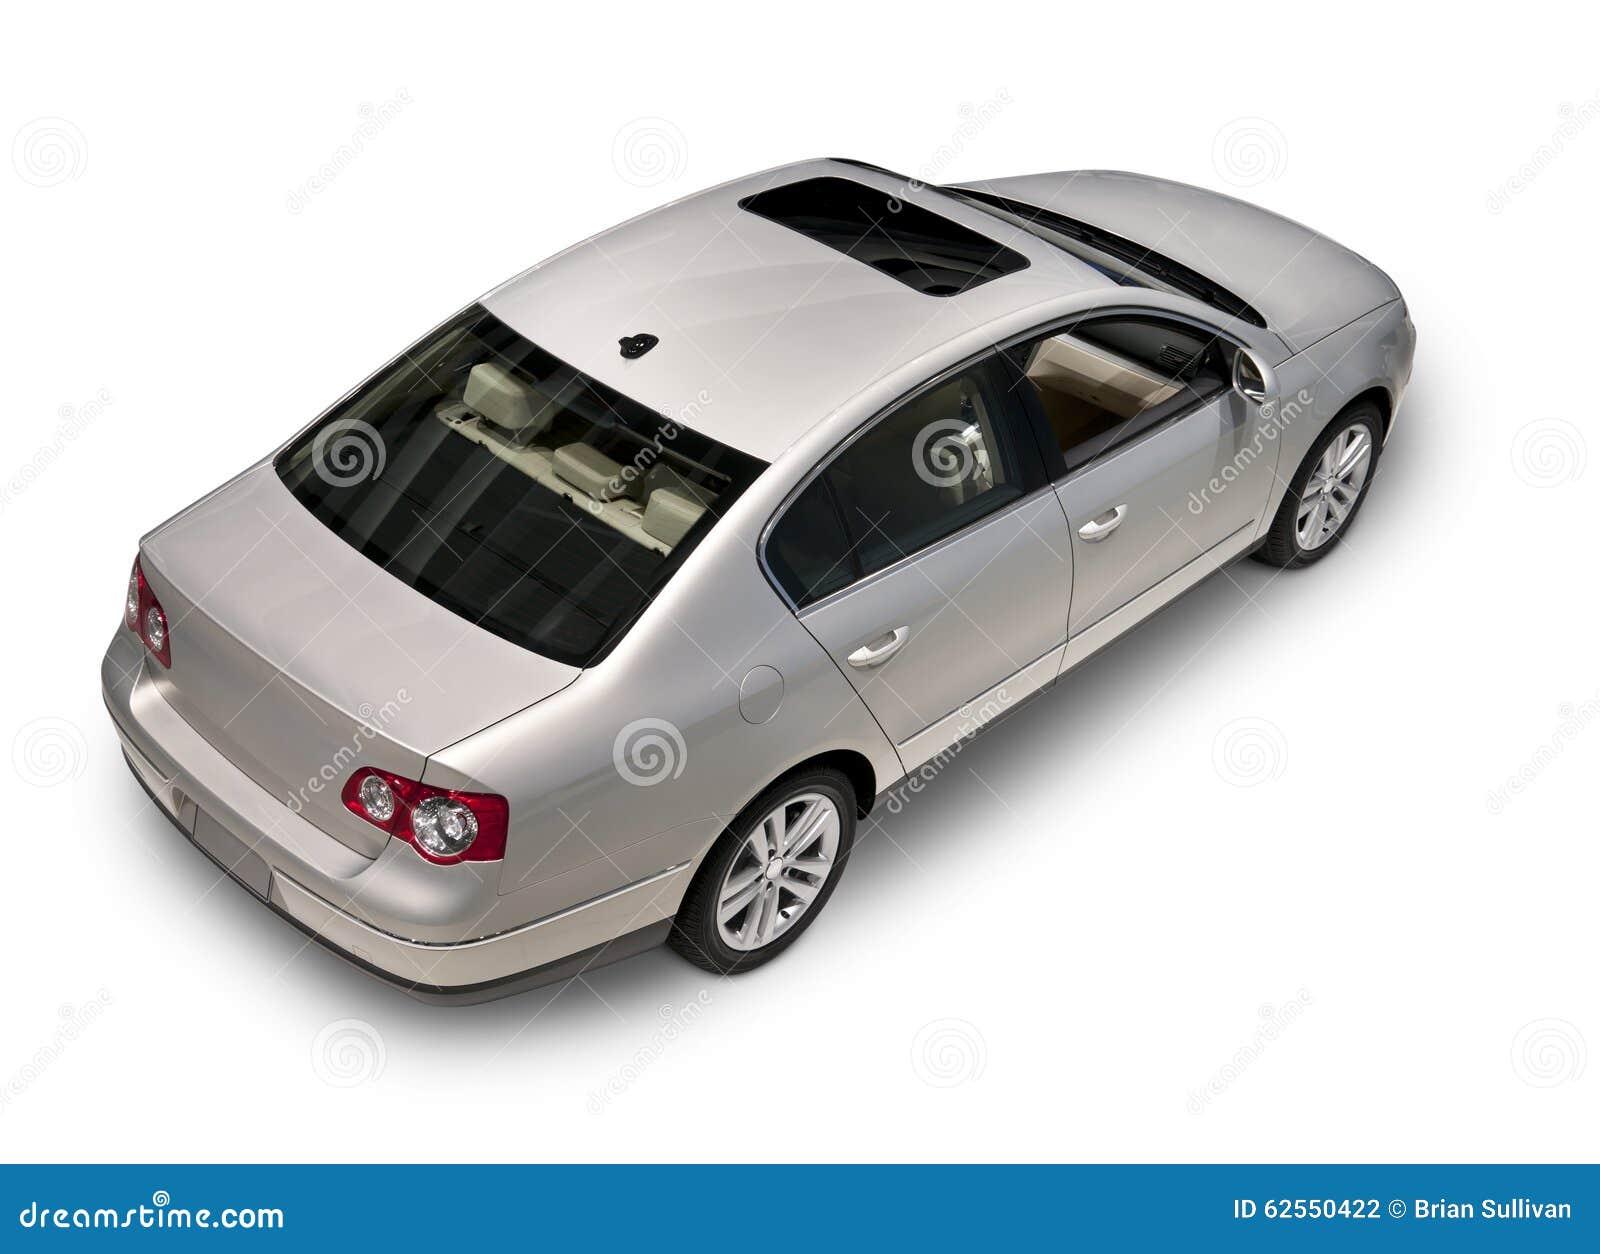 Au dessus de la vue de la voiture photo stock image du - Voiture the cars ...